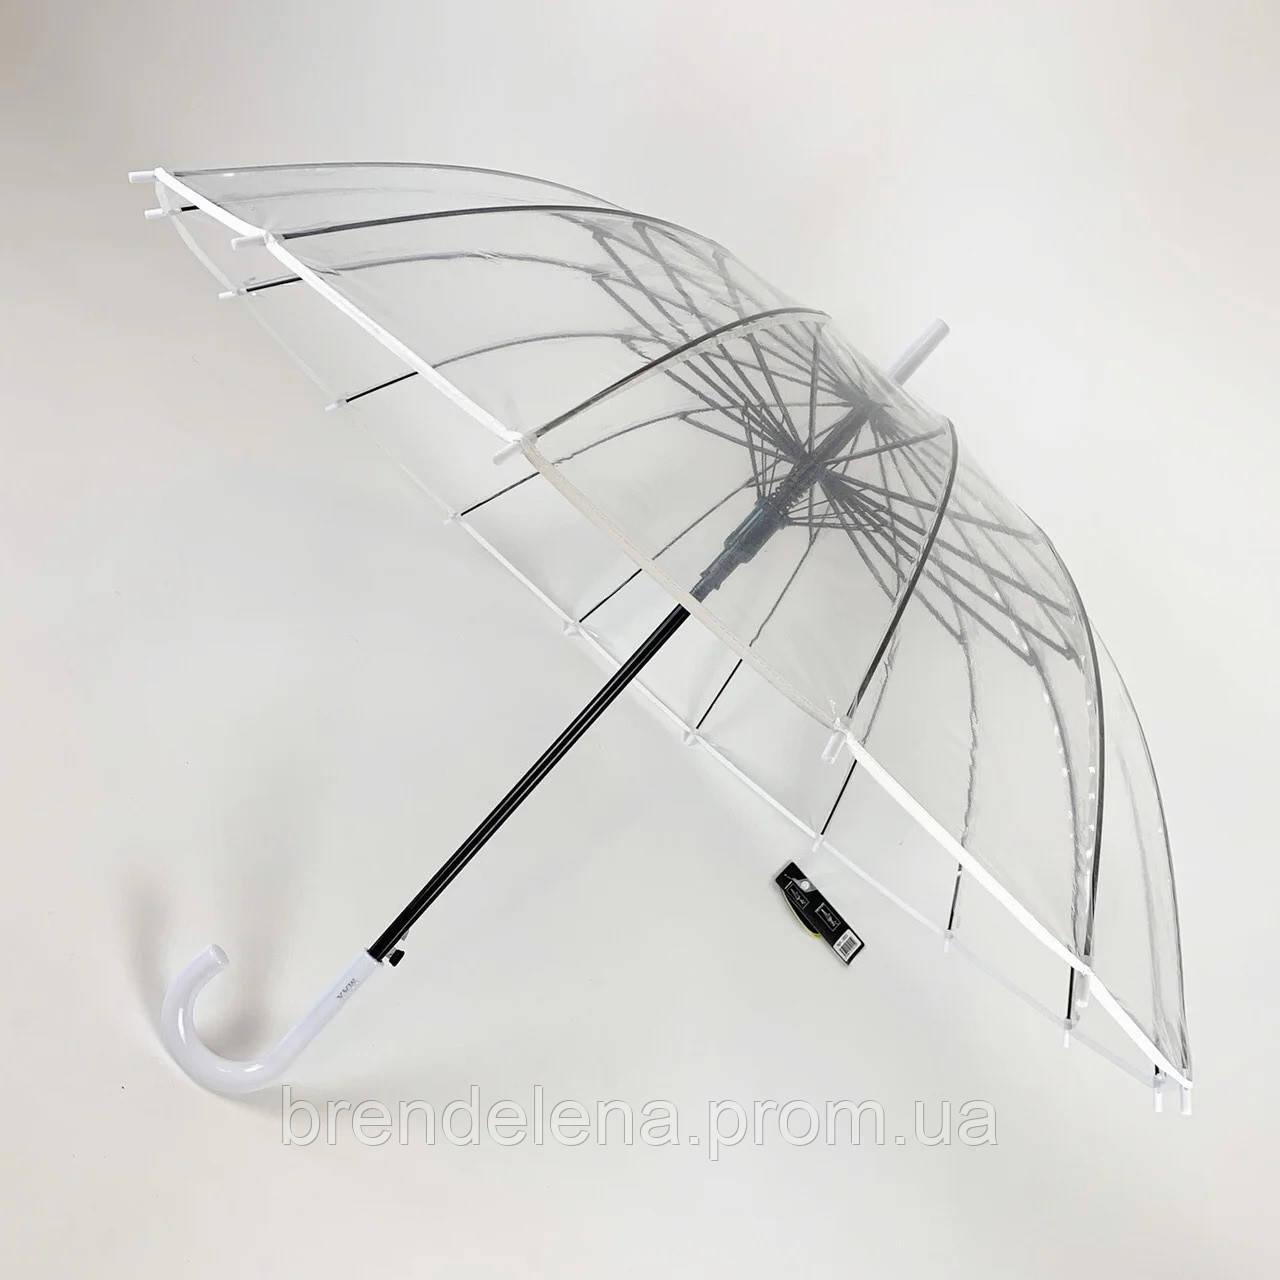 Зонт трость прозрачный  .